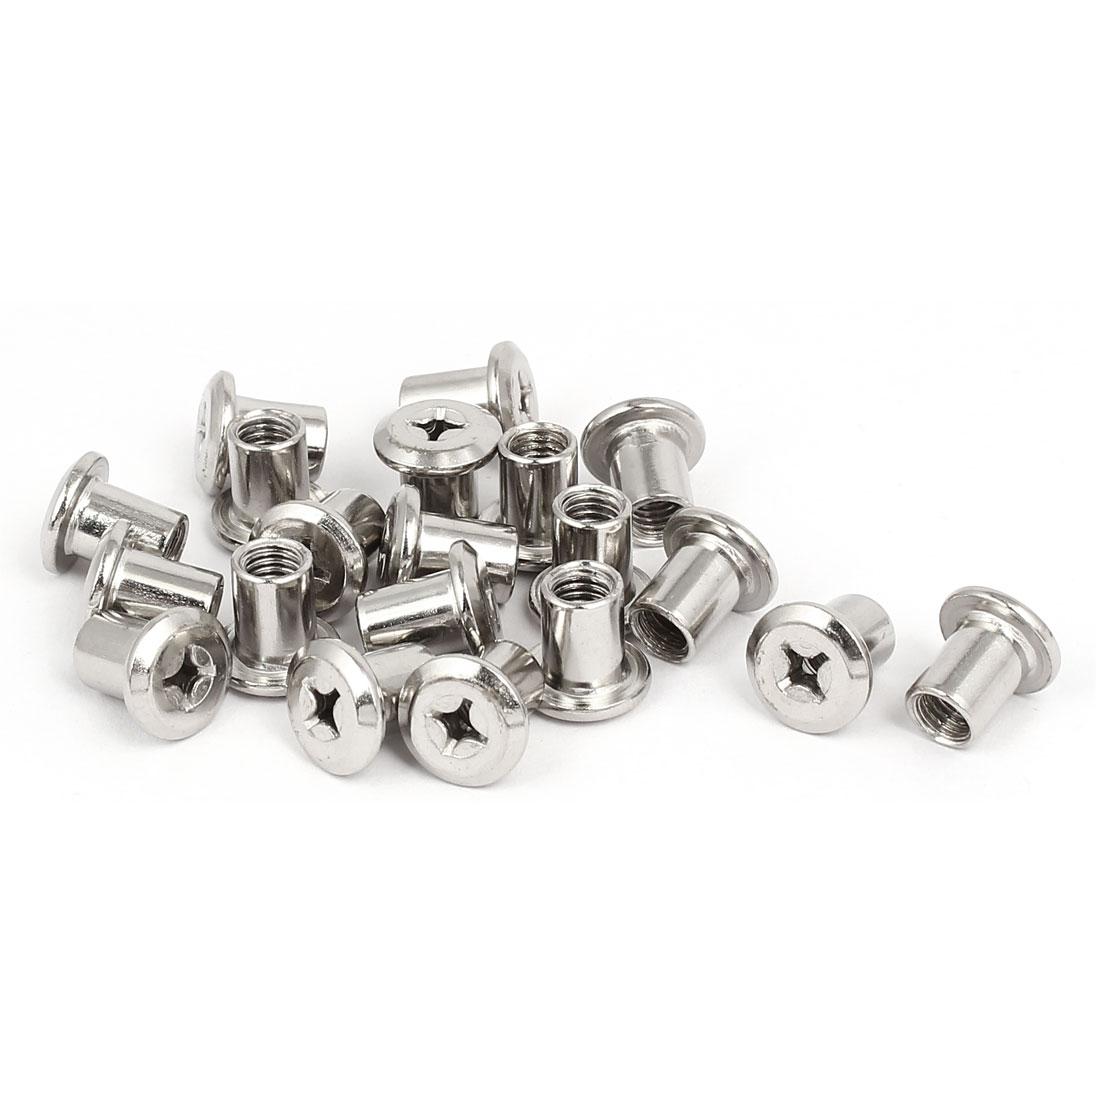 M6x10mm Metal Phillips Head Nuts Furniture Hardware Fittings 20pcs